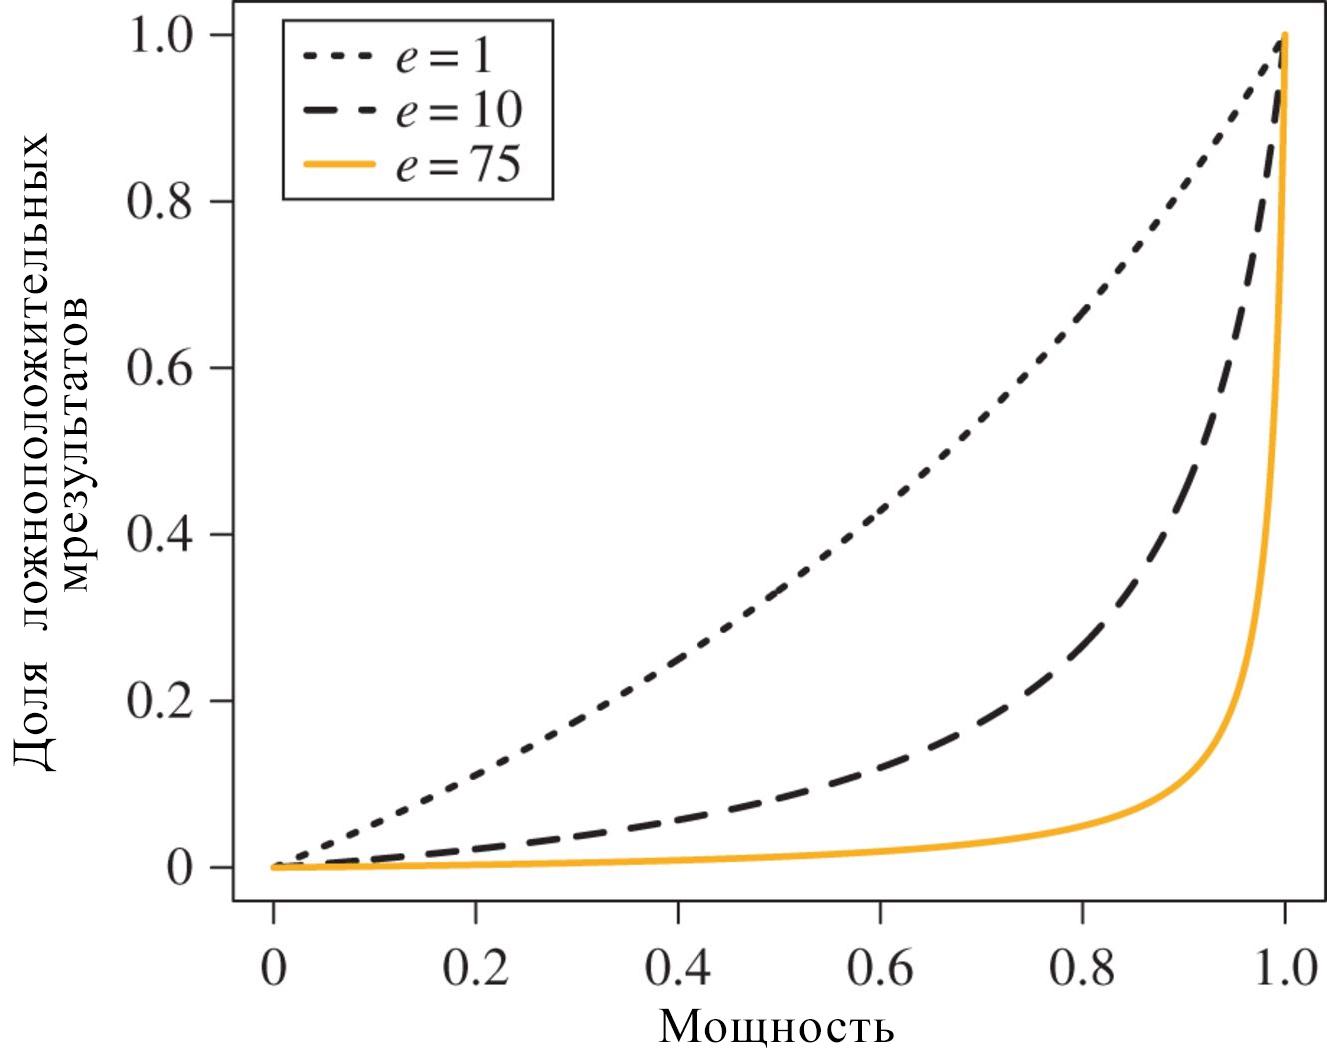 Отношение между мощностью и долей ложноположительных результатов с учётом качества исследований e. Симуляции, анализируемые в данной работе, были проведены с заданным значением e0 = 75 (оранжевая кривая), при условии что α = 0,05 при мощности 0,8.